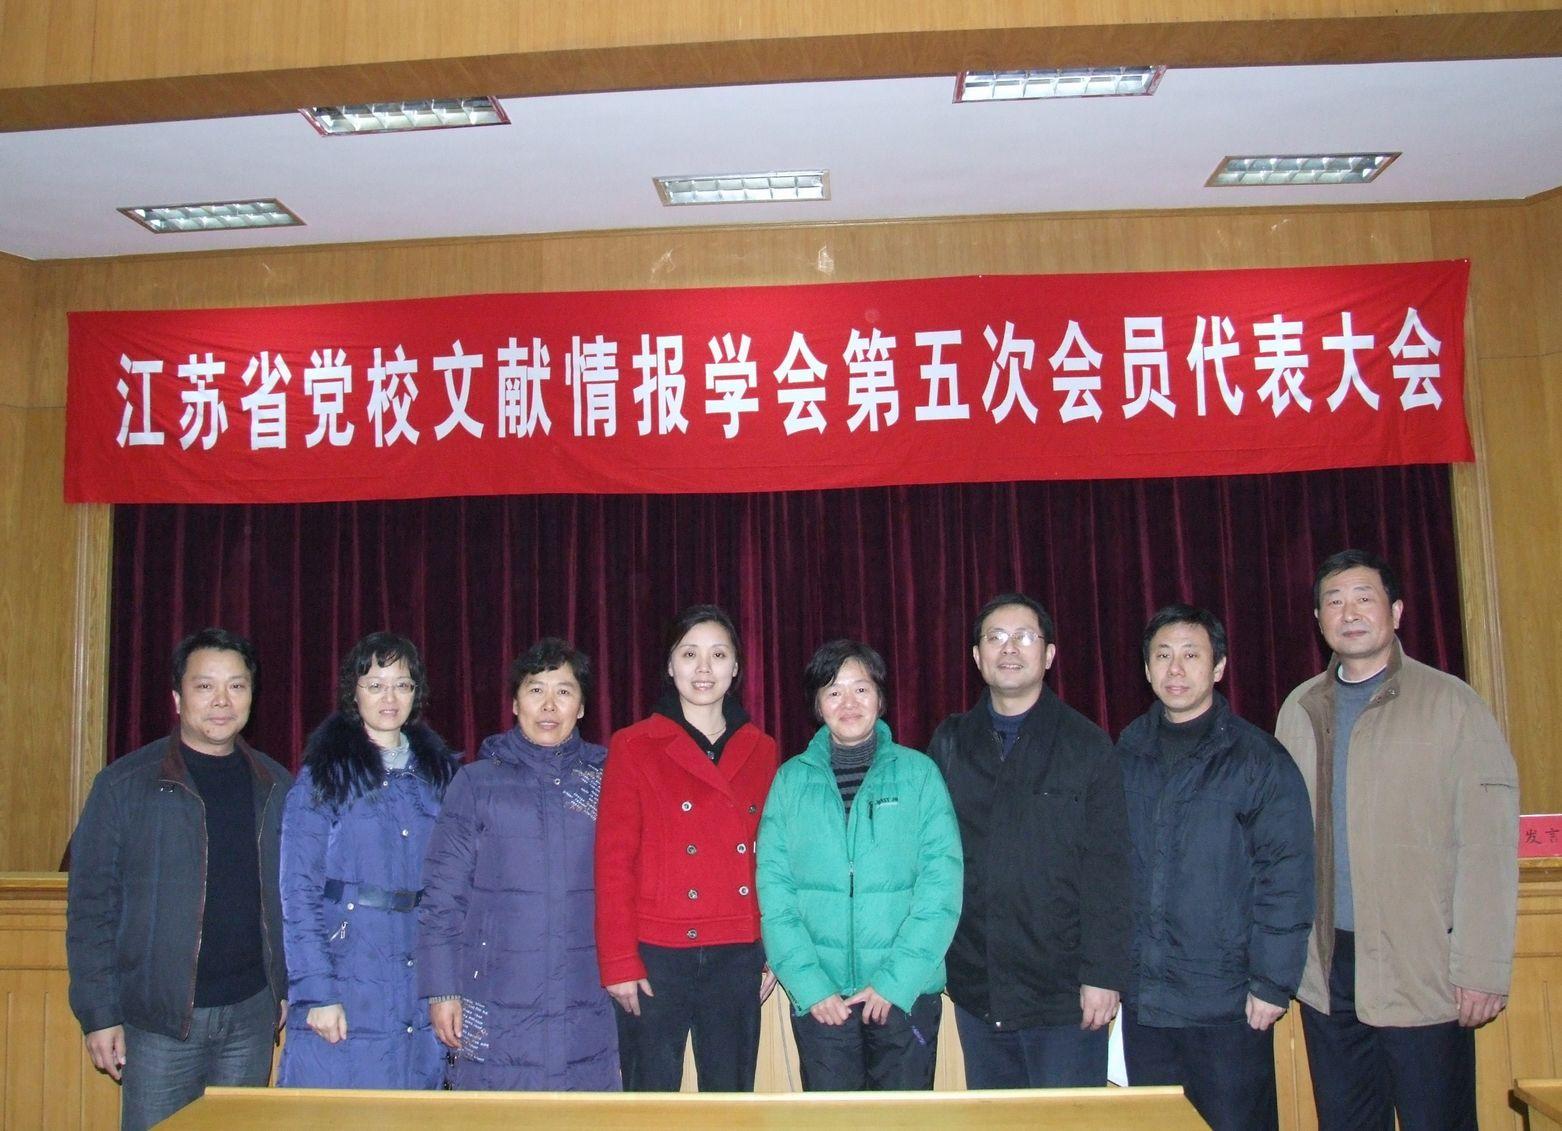 第五届学会理事长陈晓丽代表新一届理事会